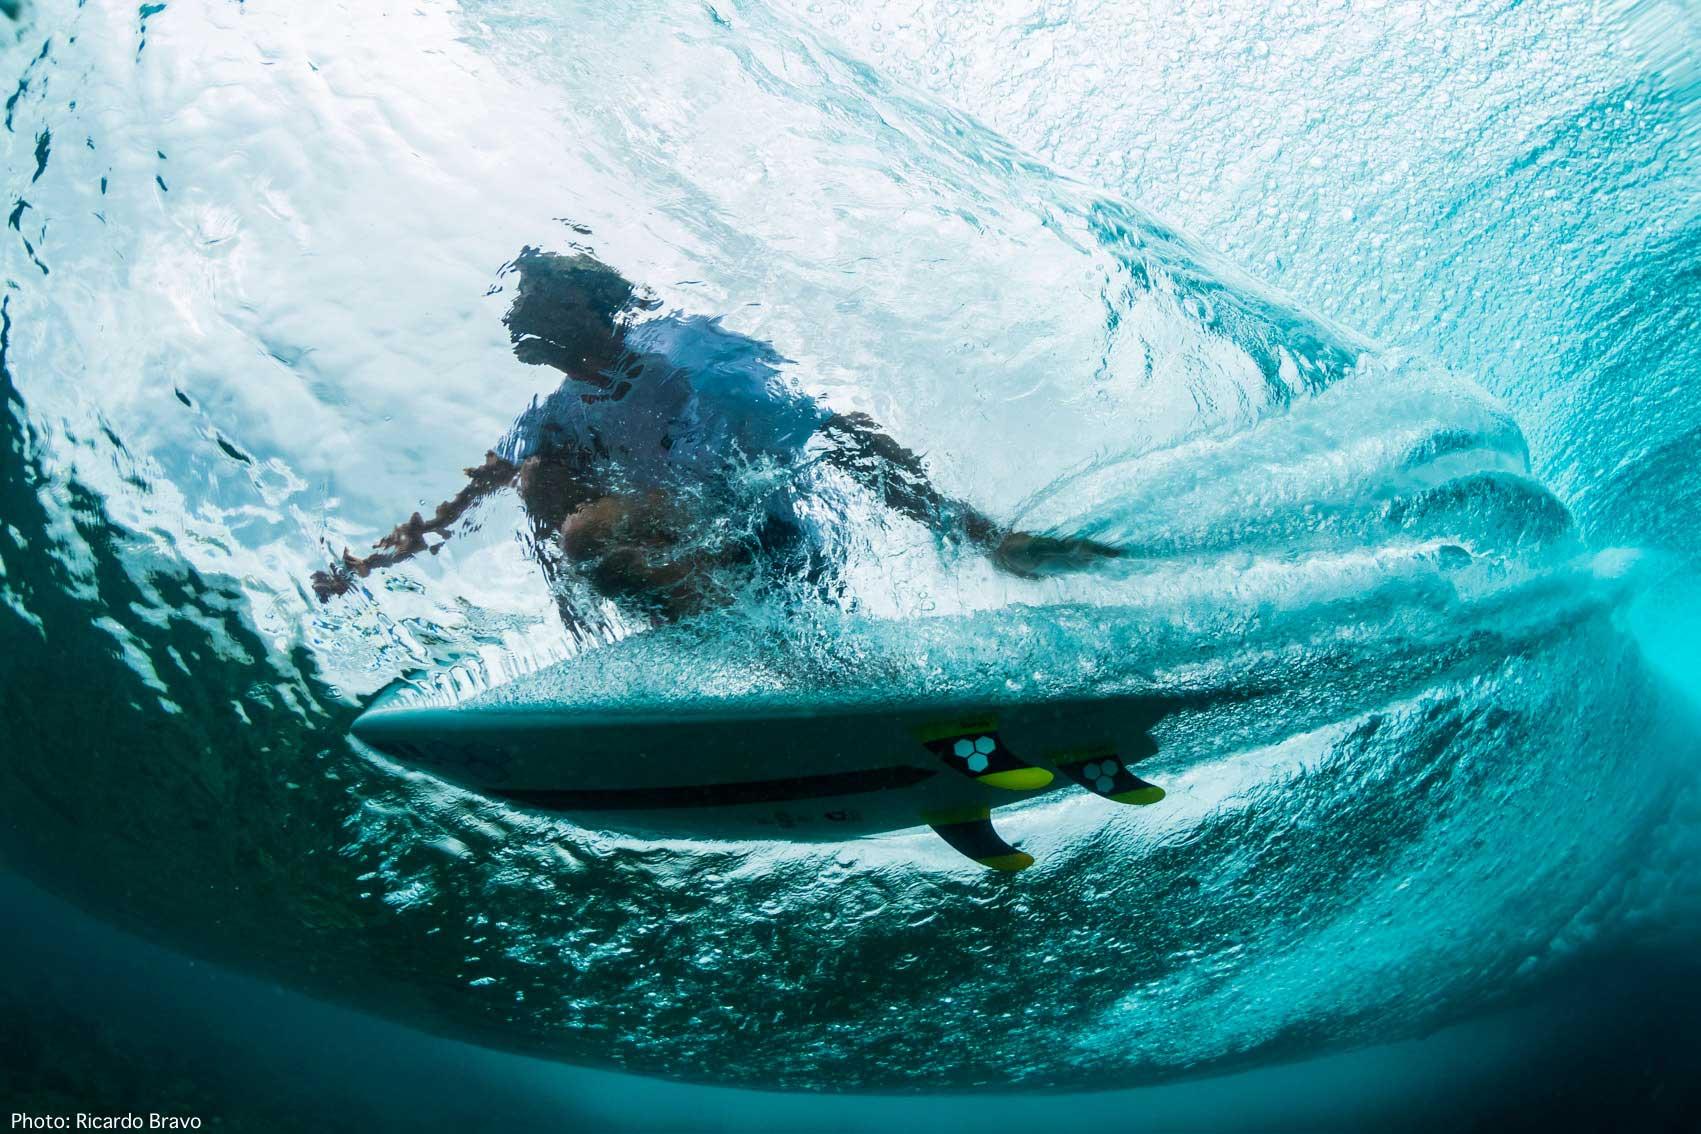 ricardo-Bravo-surf-photographer